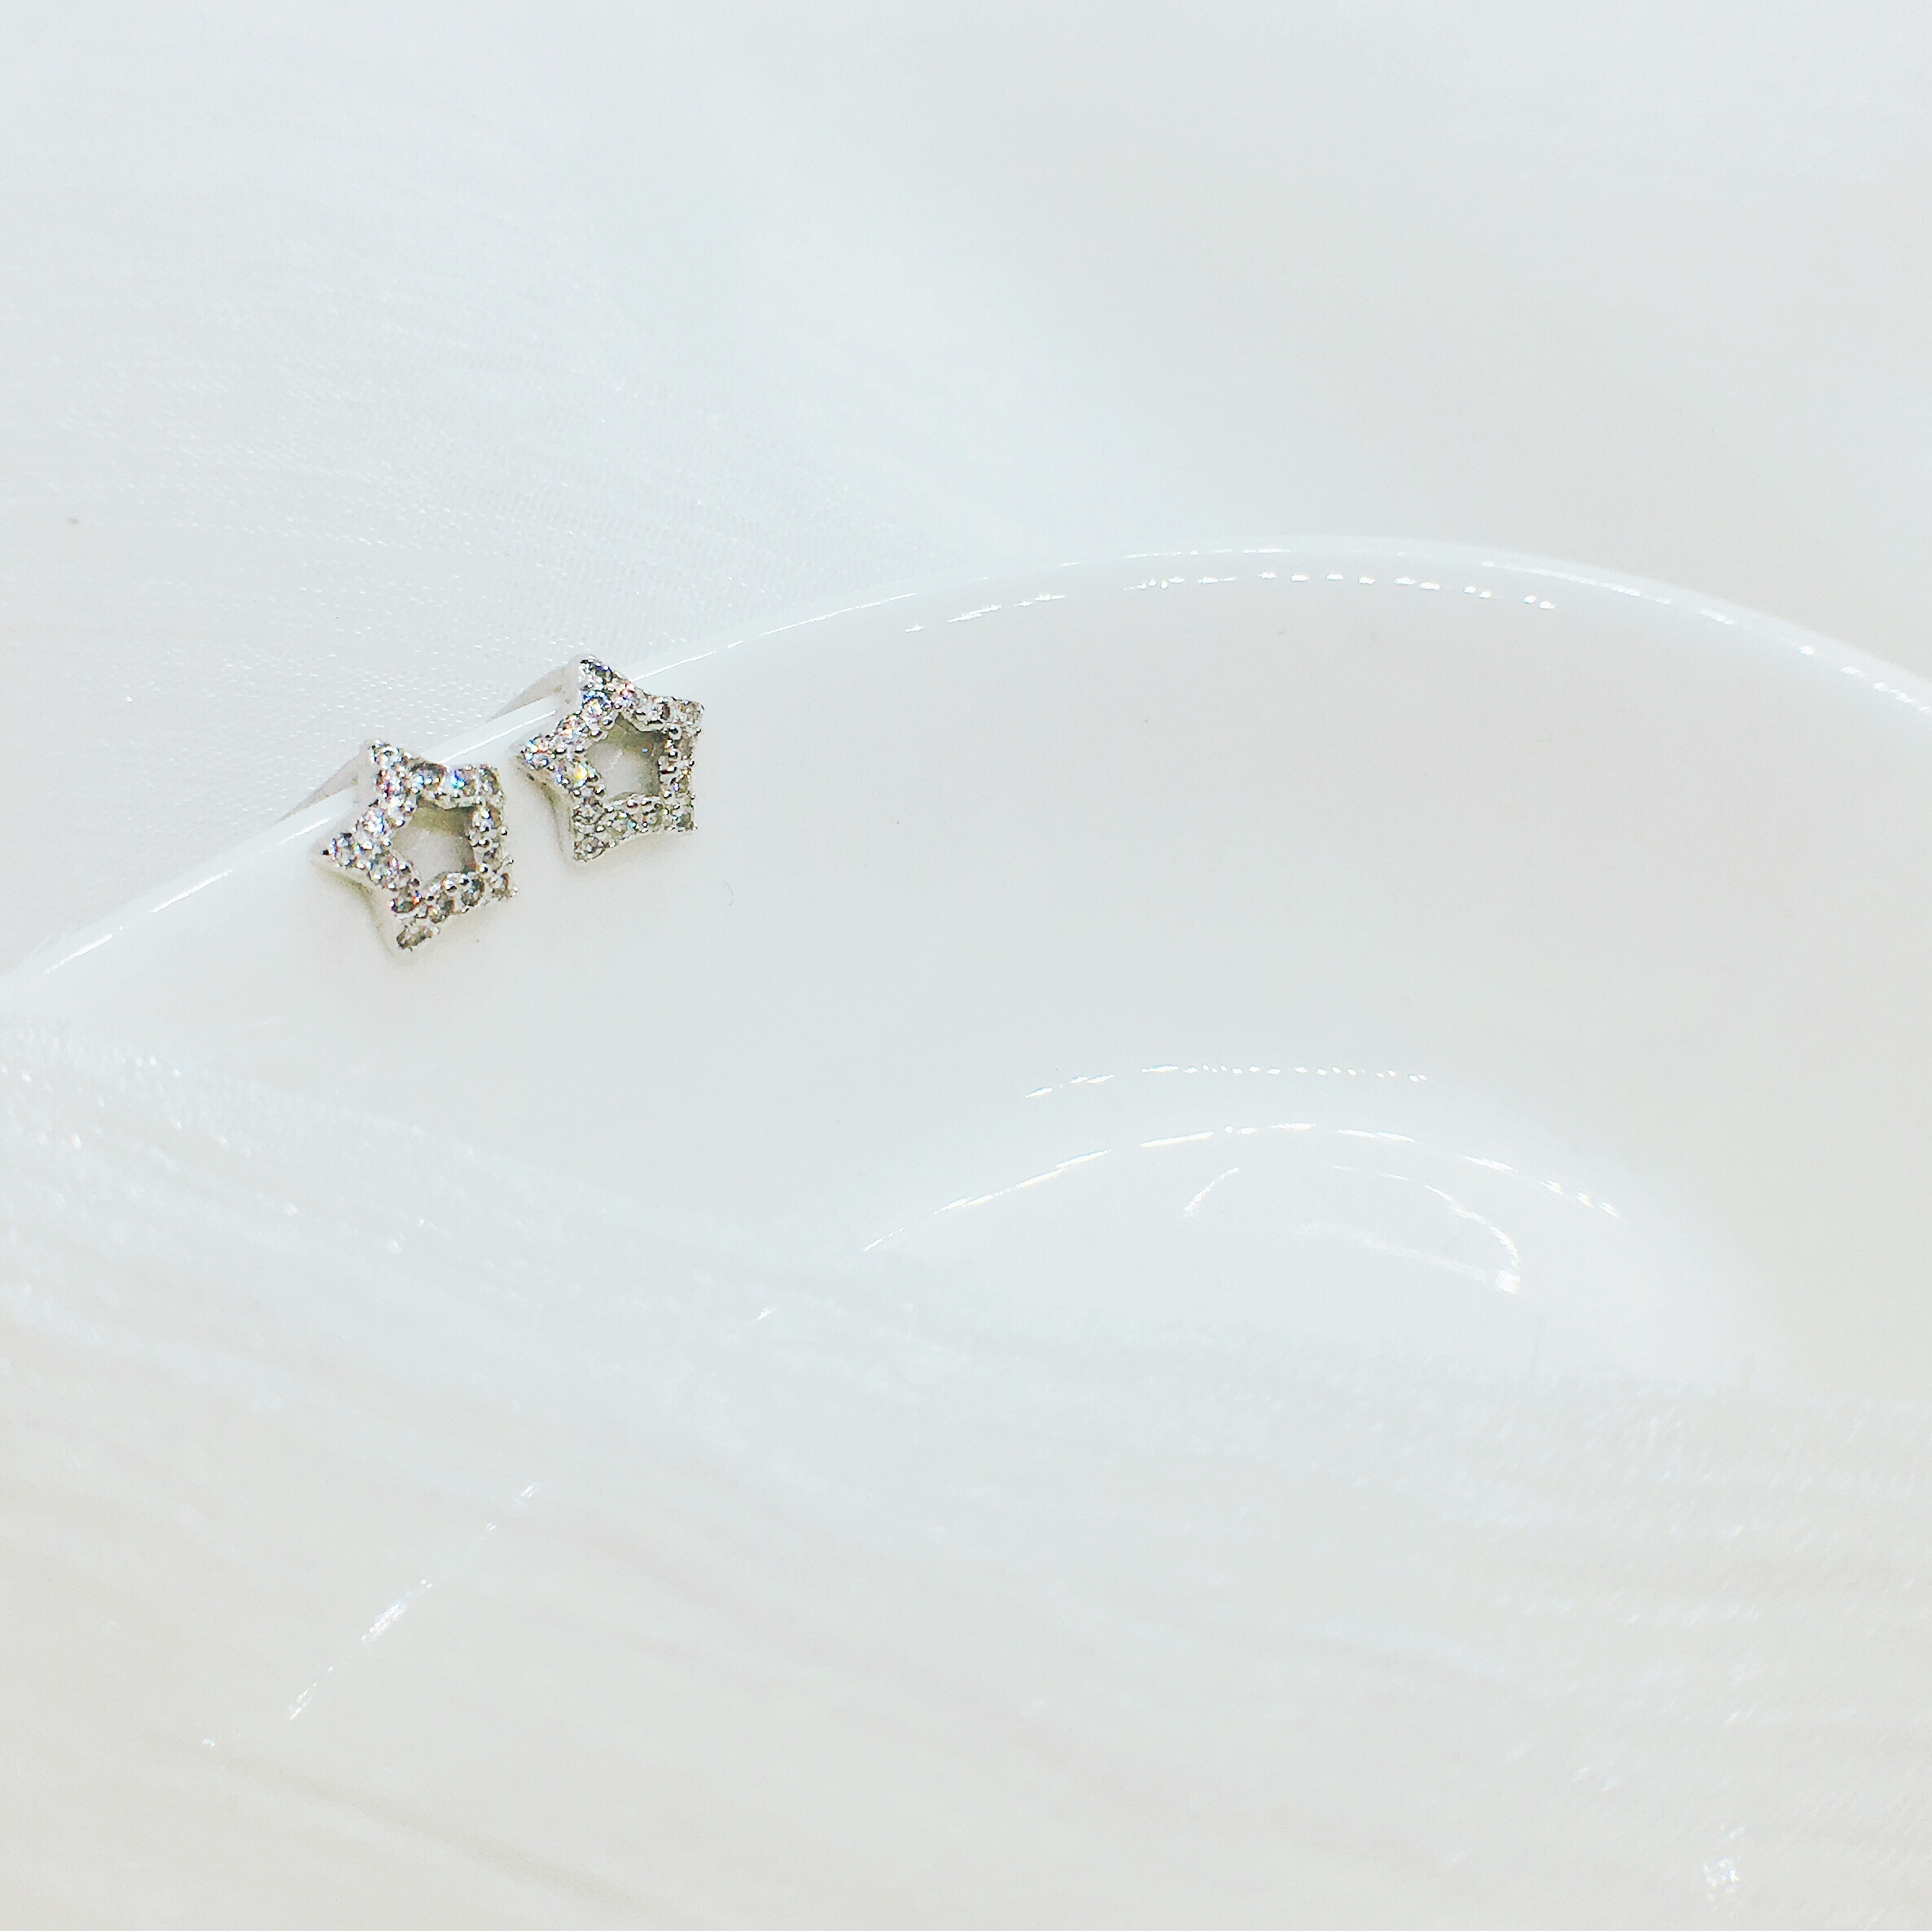 S925 argent Sterling petite étoile boucles d'oreilles mignon petites boucles d'oreilles tempérament féminin japonais coréen boucles d'oreilles